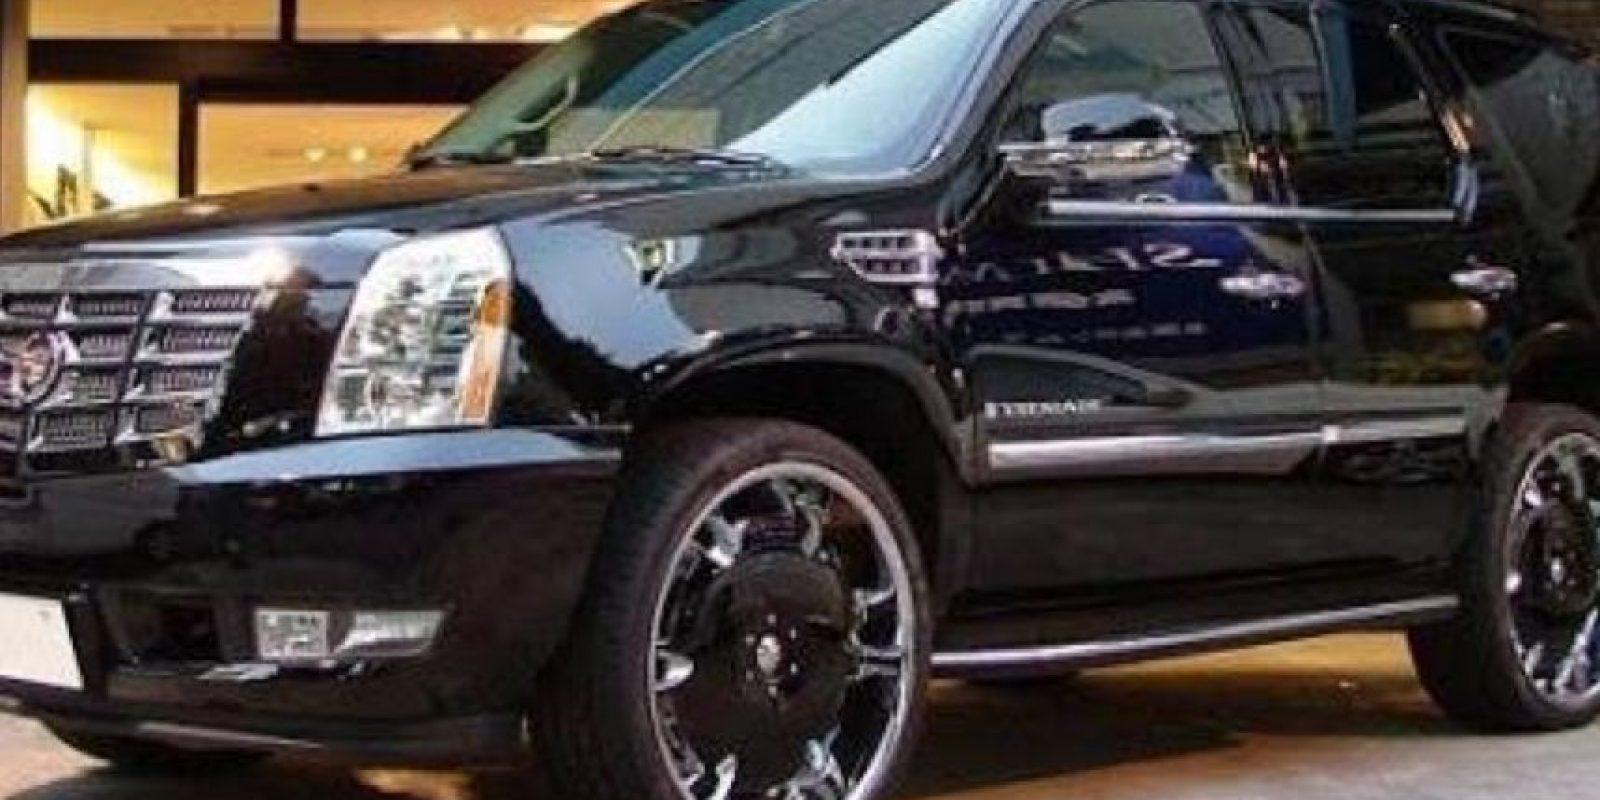 El Presidente de Estados Unidos se transporta en el mismo vehículo Foto:Getty